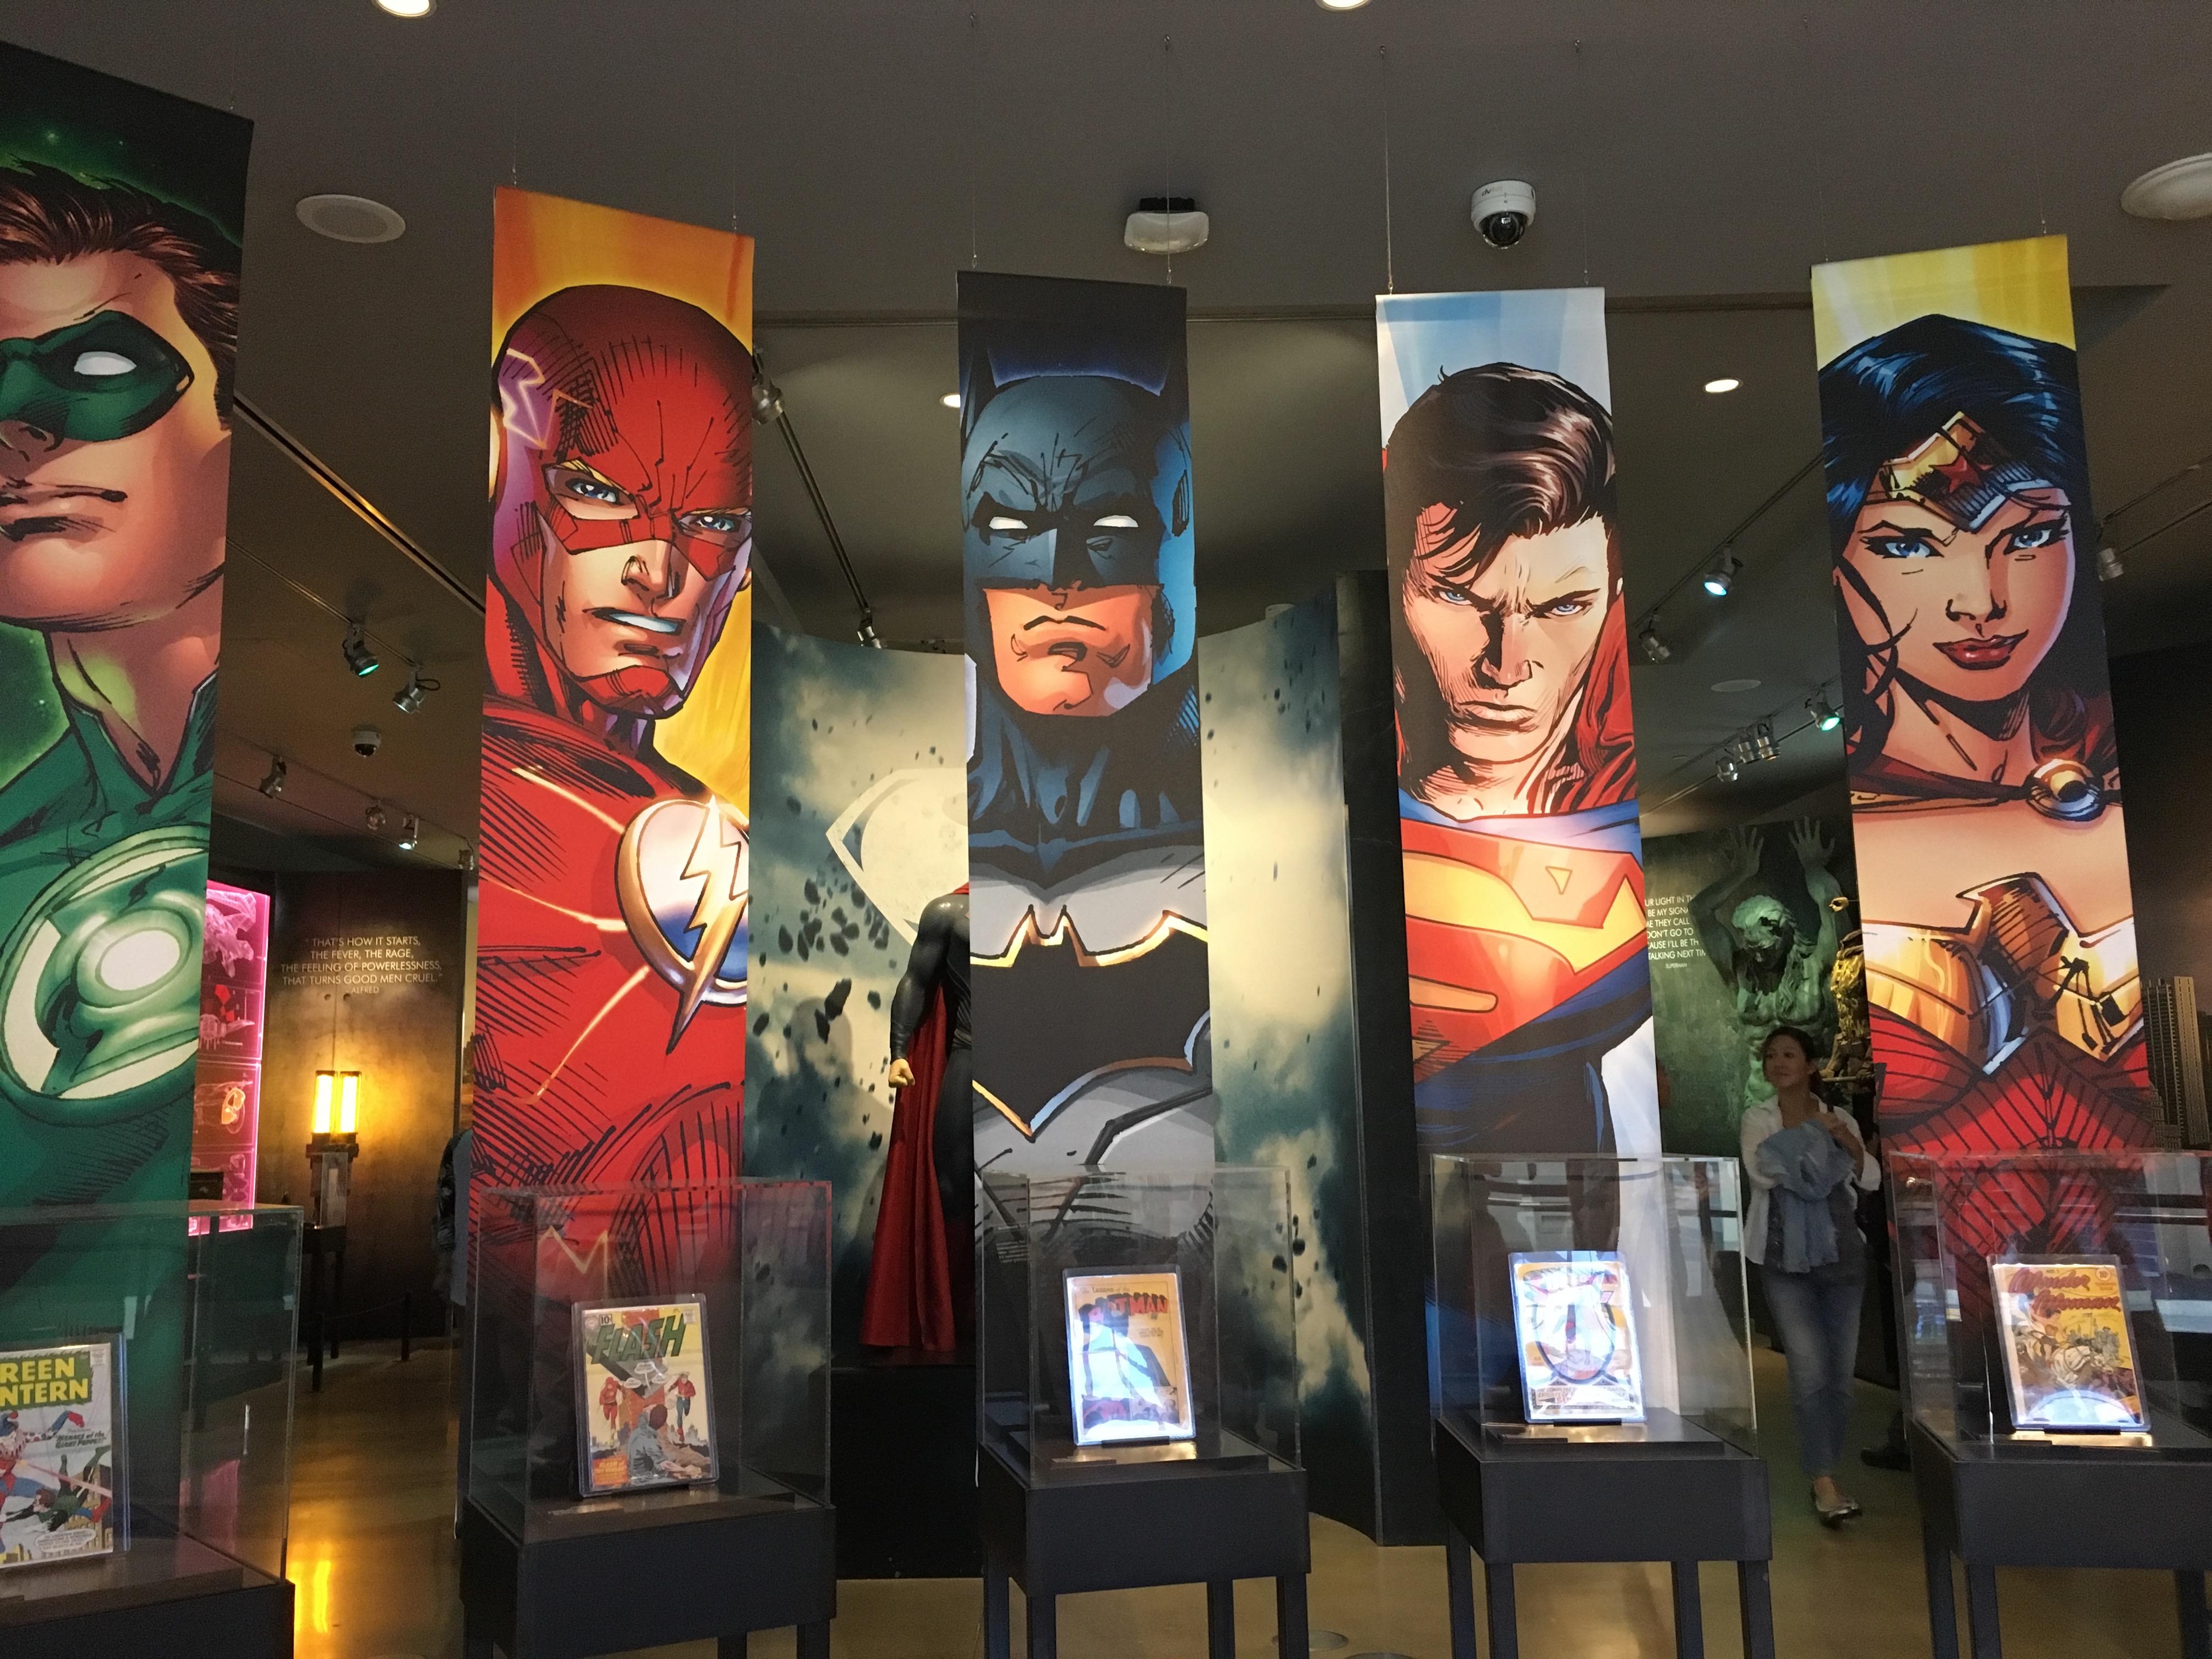 コミックの展示も沢山あります。